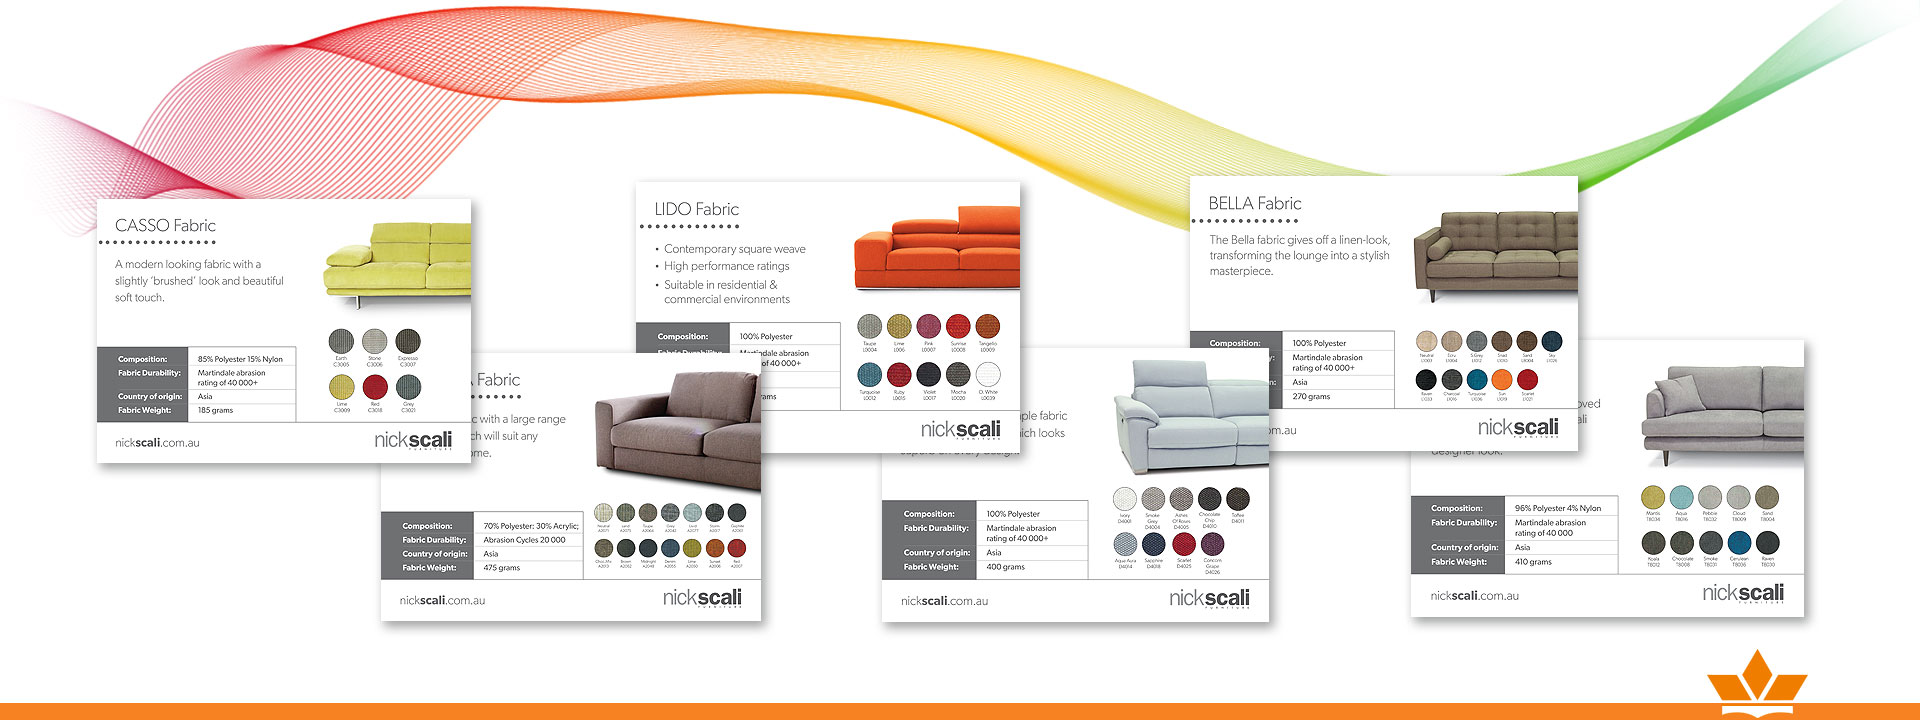 Posm design sofy posm design - Point Of Sale Packaging Design